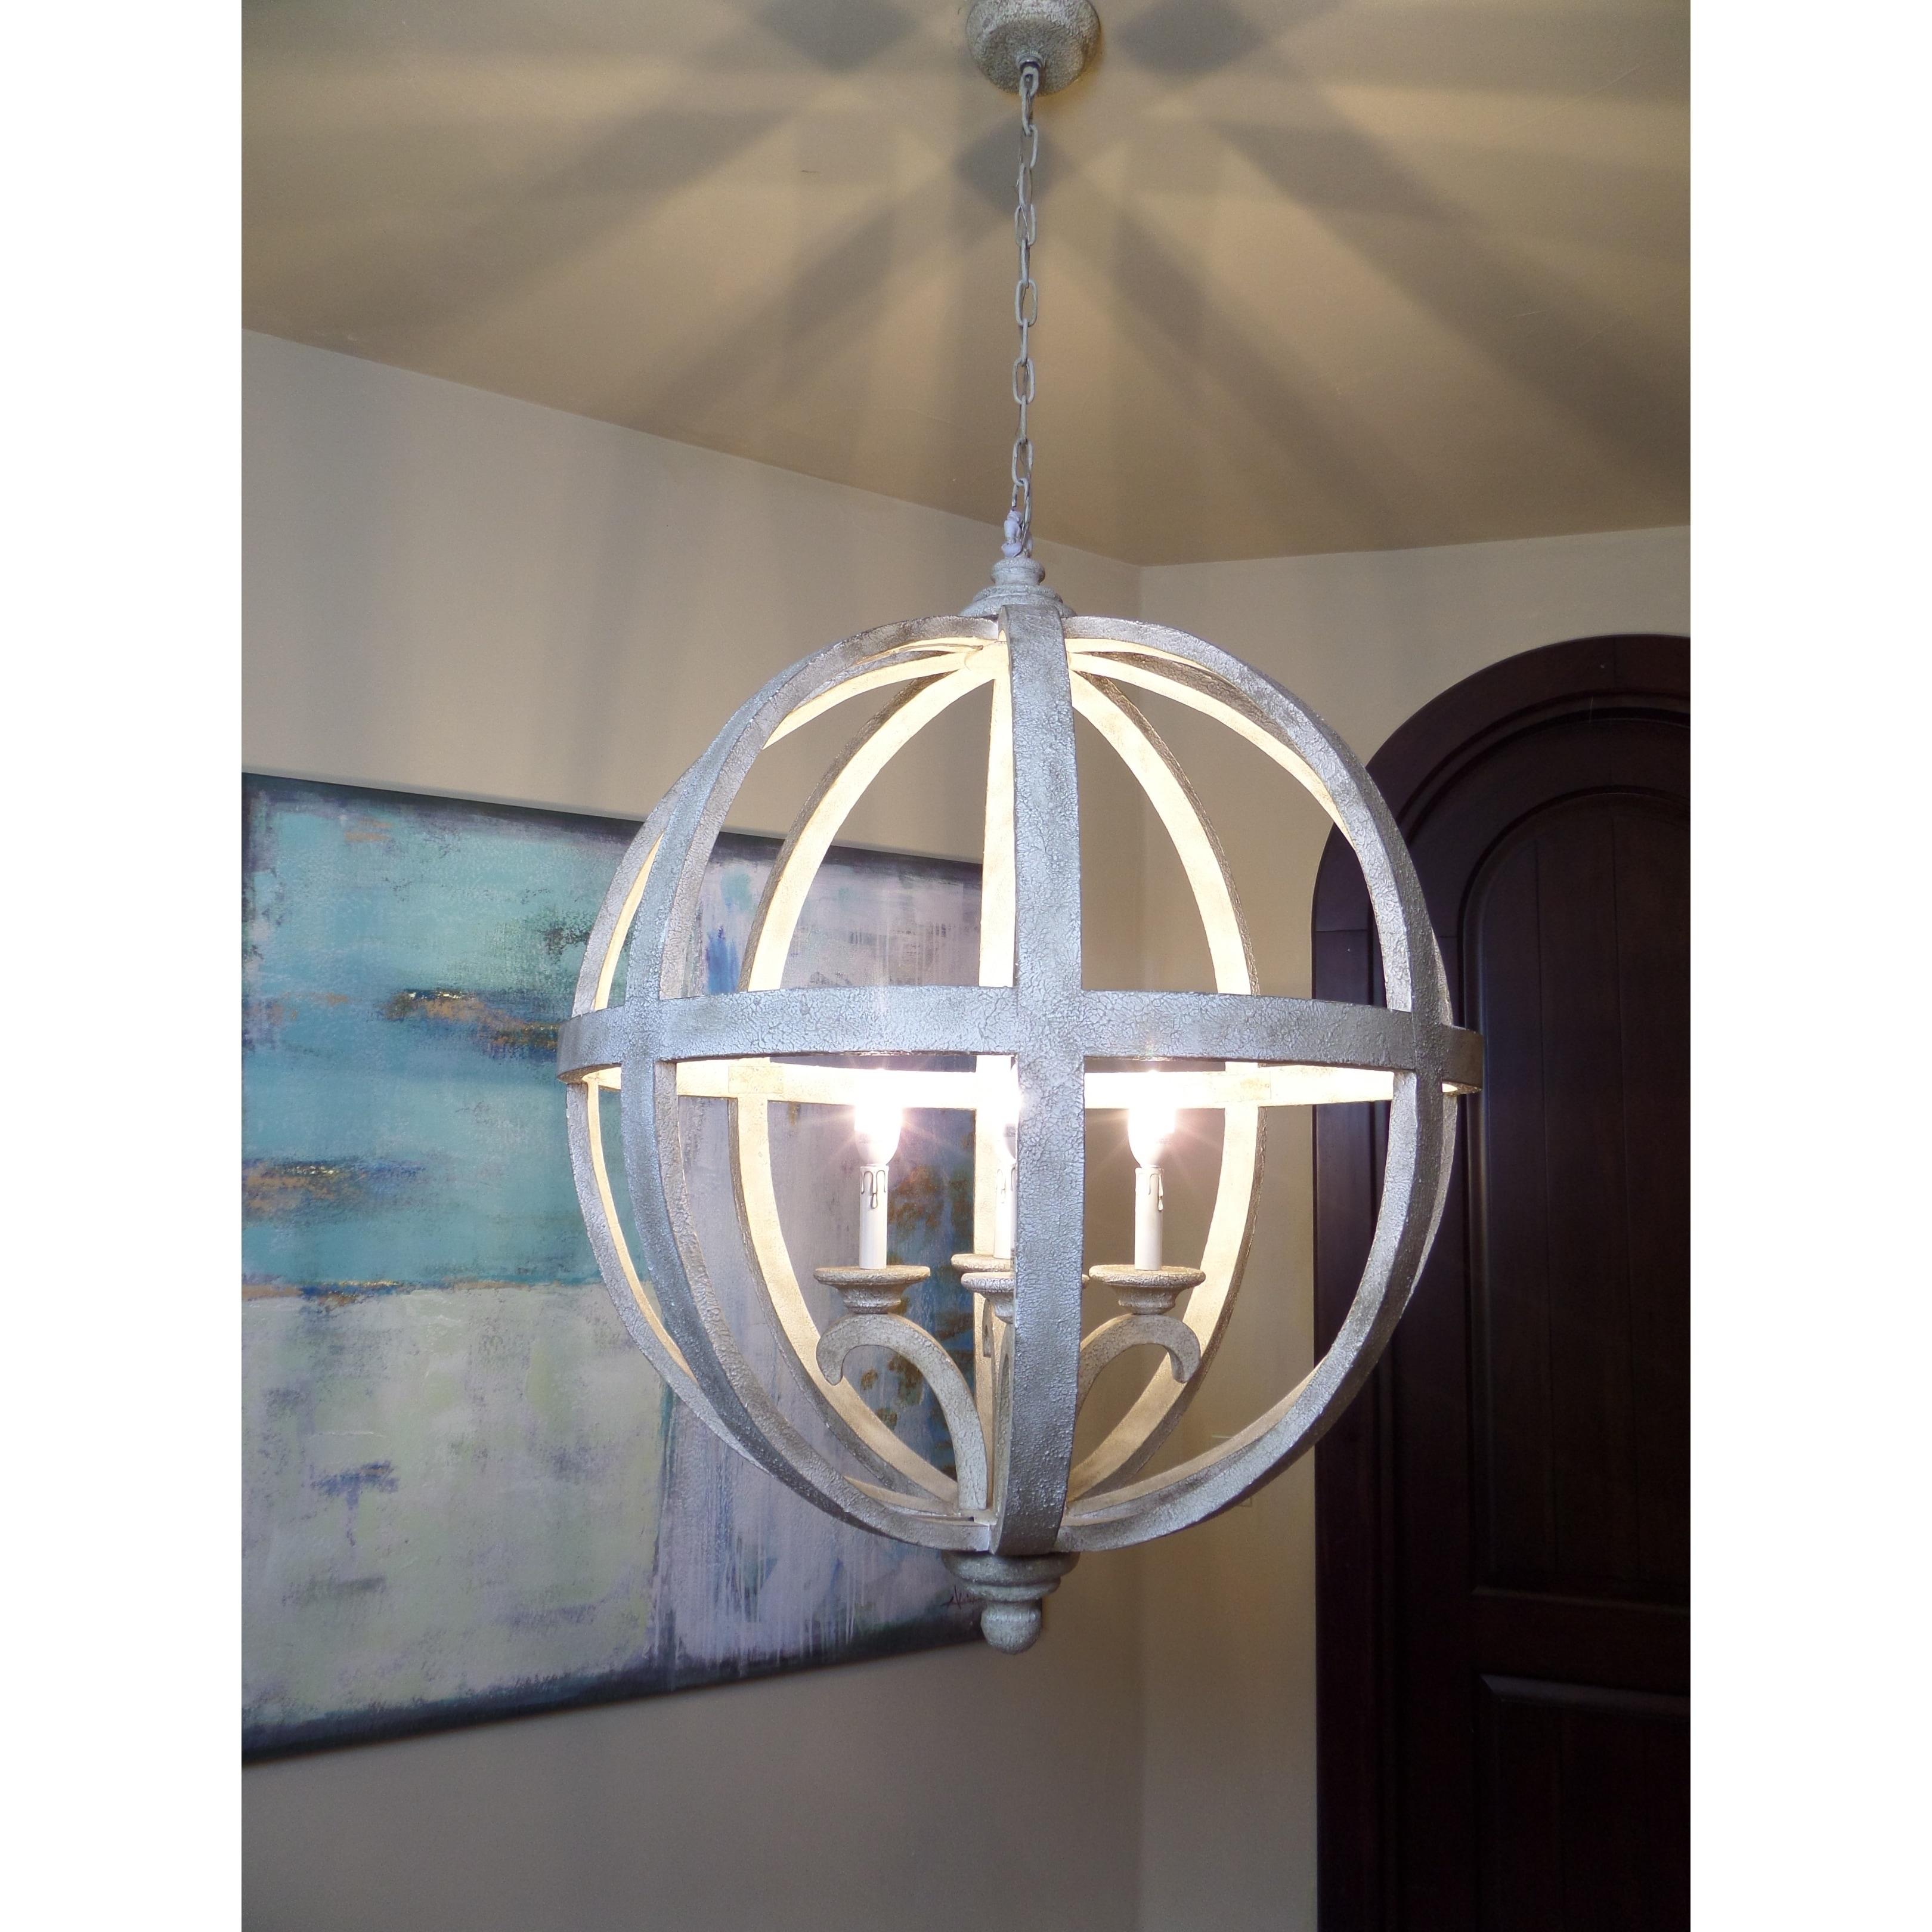 Y Decor Hercules 4 Light Chandelier in Wooden Globe Frame